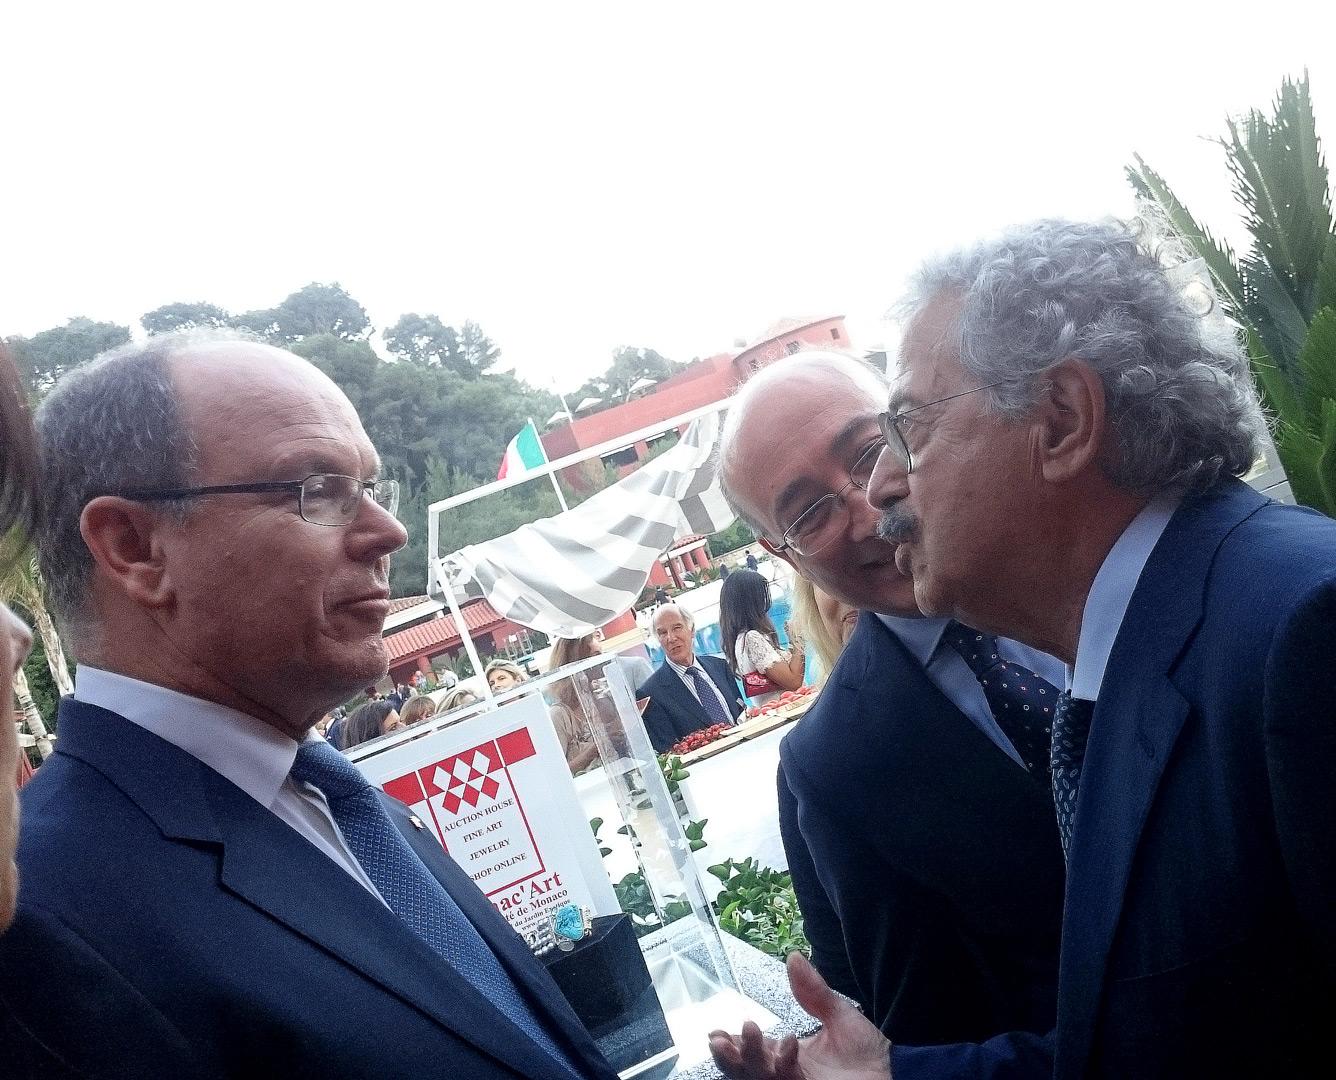 Il principe Alberto II di Monaco e Rodolfo Viola in occasione dei festeggiamenti del 2 giugno a Montecarlo.